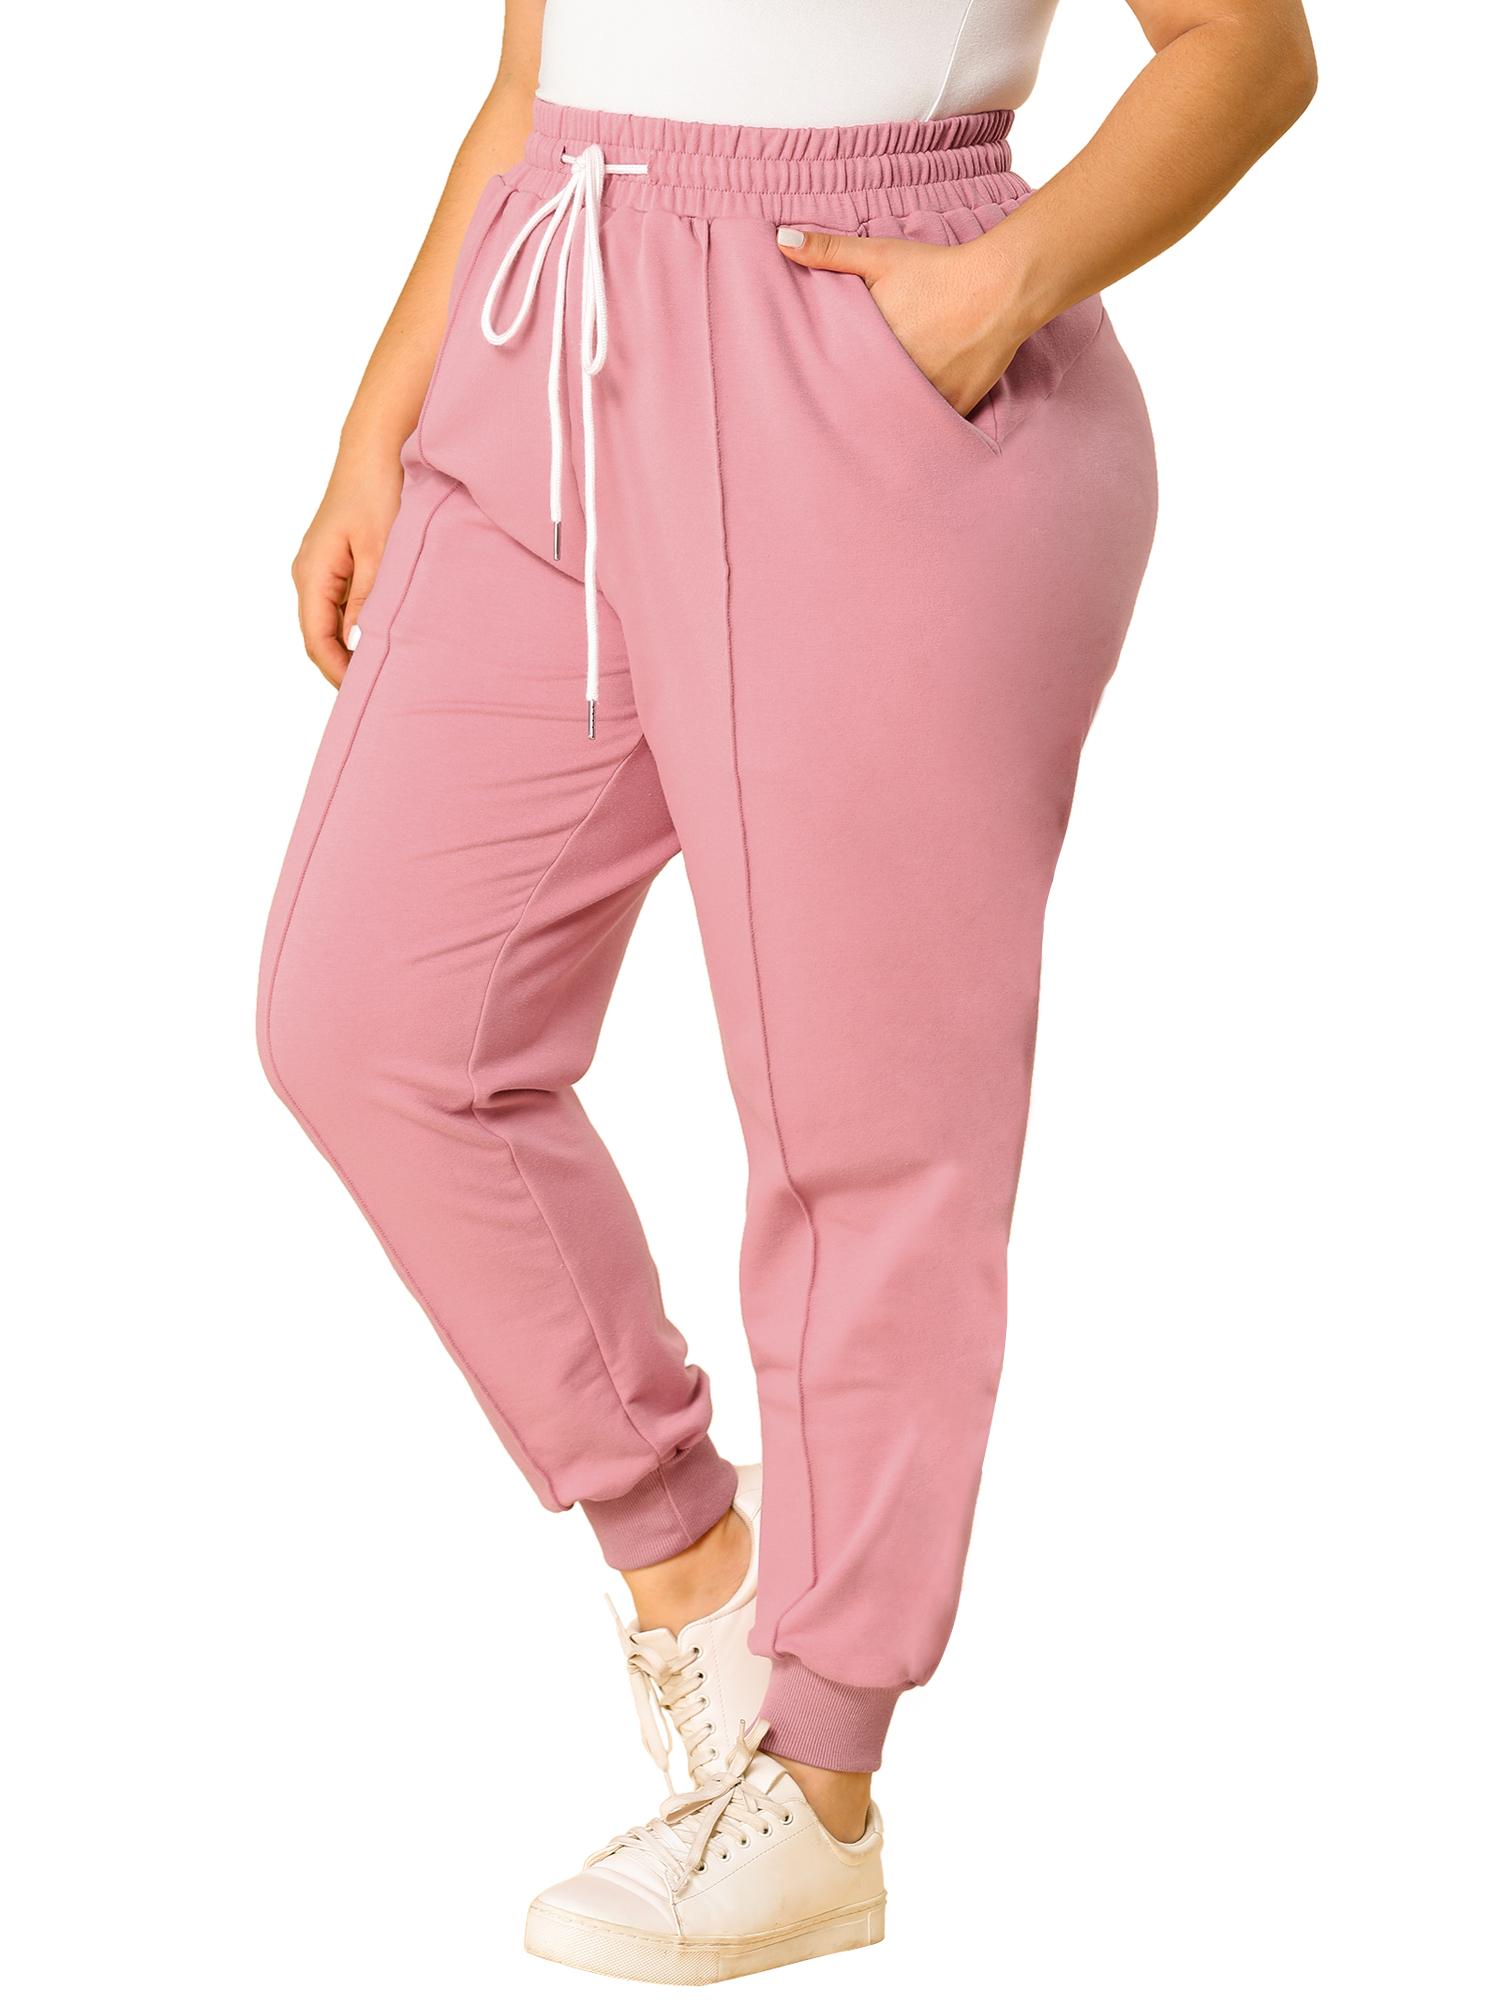 Women's Plus Size Sweatpants Elastic Waist Contrast Jogger Pant Pink 4X